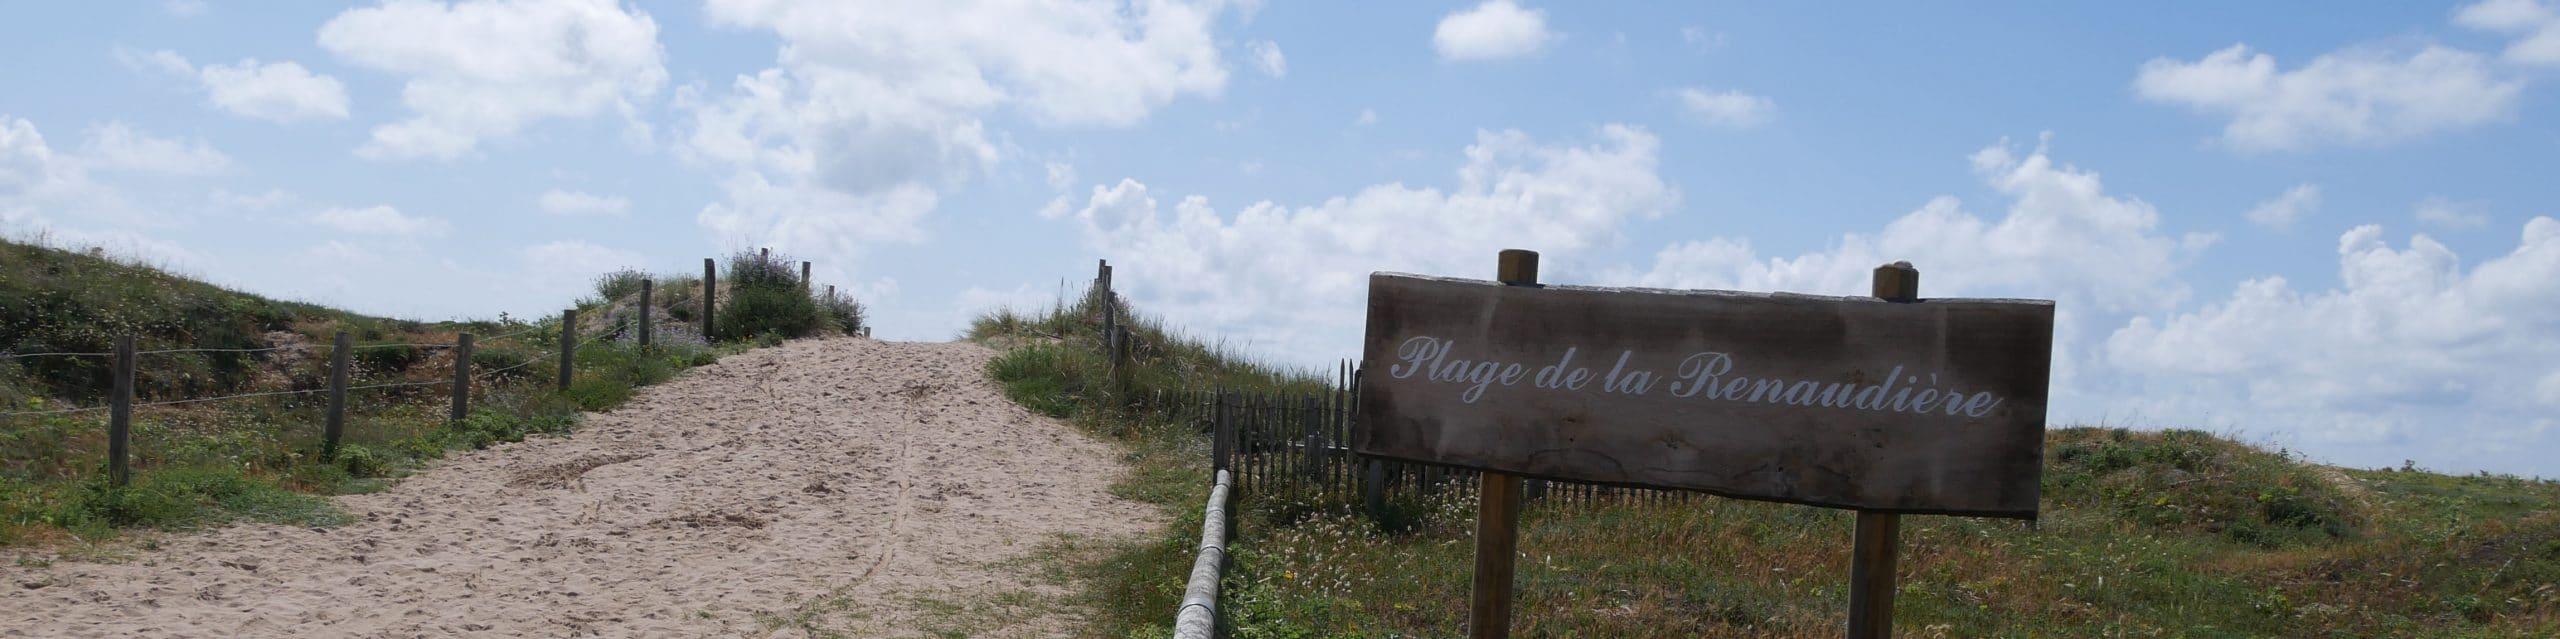 plage-de-la-renaudiere-notredamedemonts